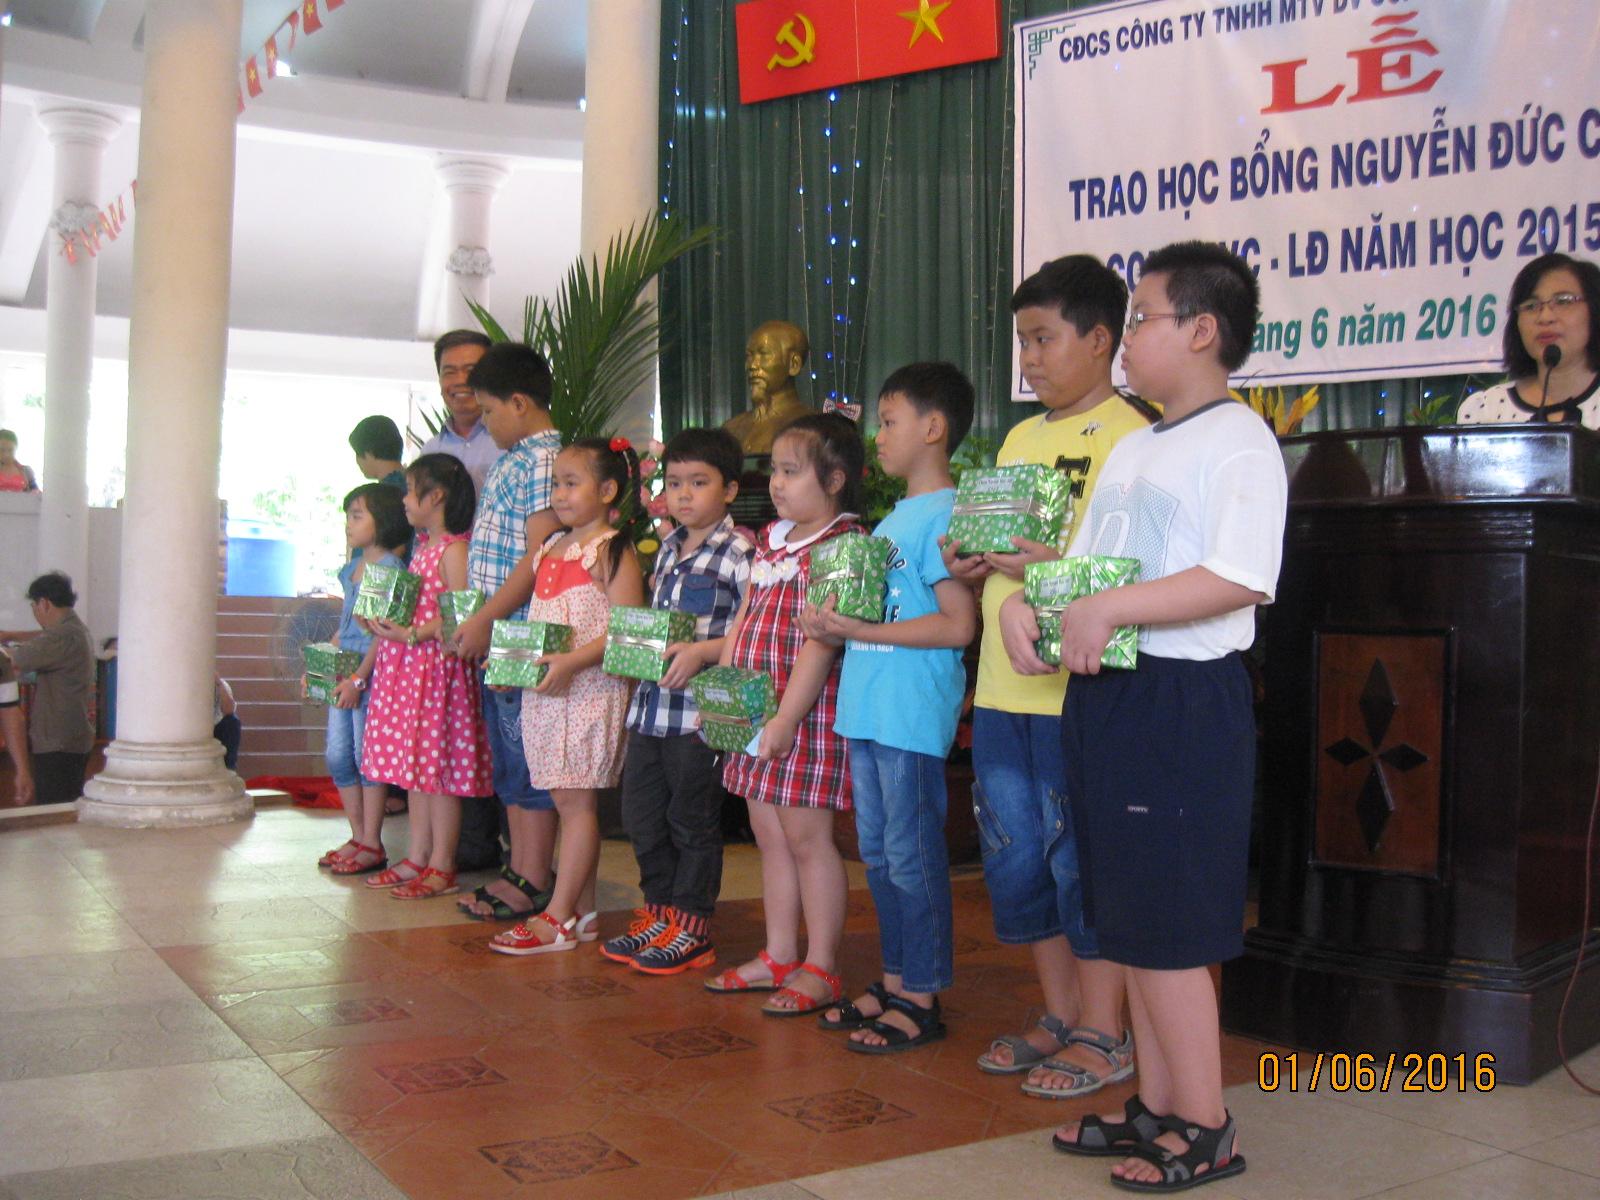 Lễ trao học bổng Nguyễn Đức Cảnh năm 2016